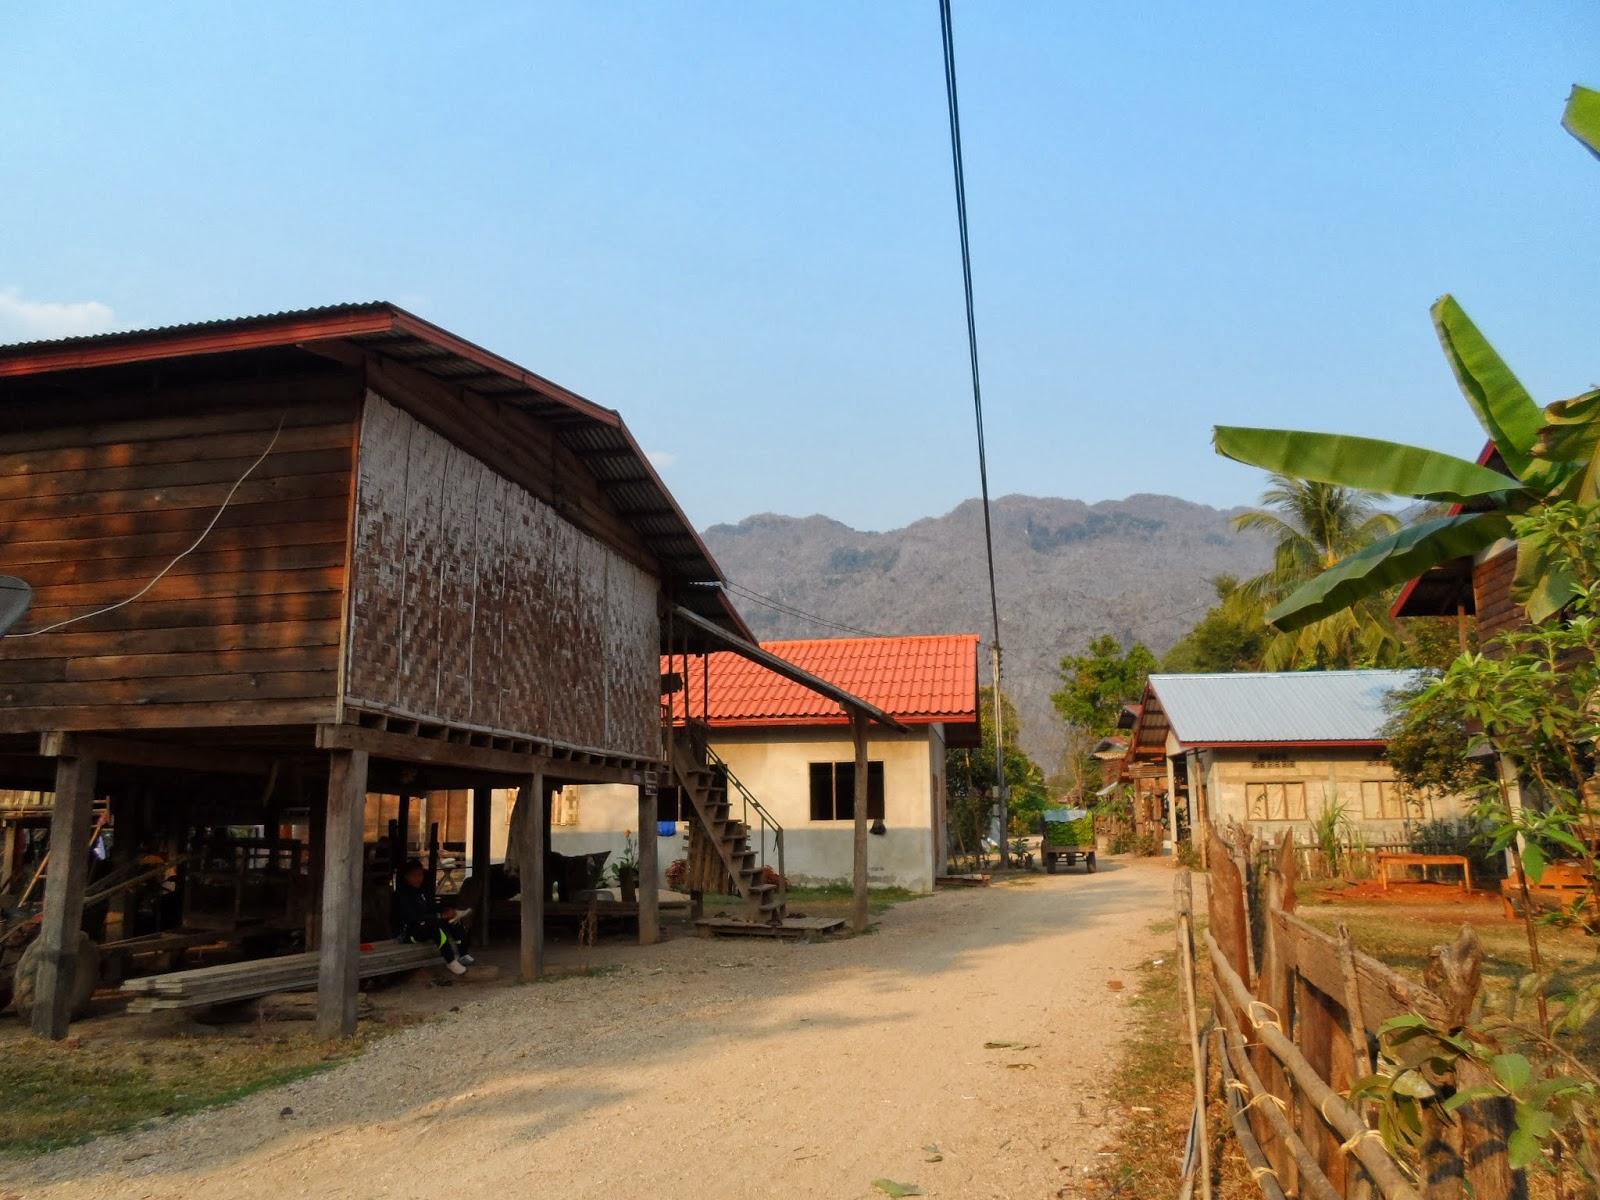 La bourlingue en asie d 39 alexie et sylvie znp de phu hin for Maison traditionnelle laos